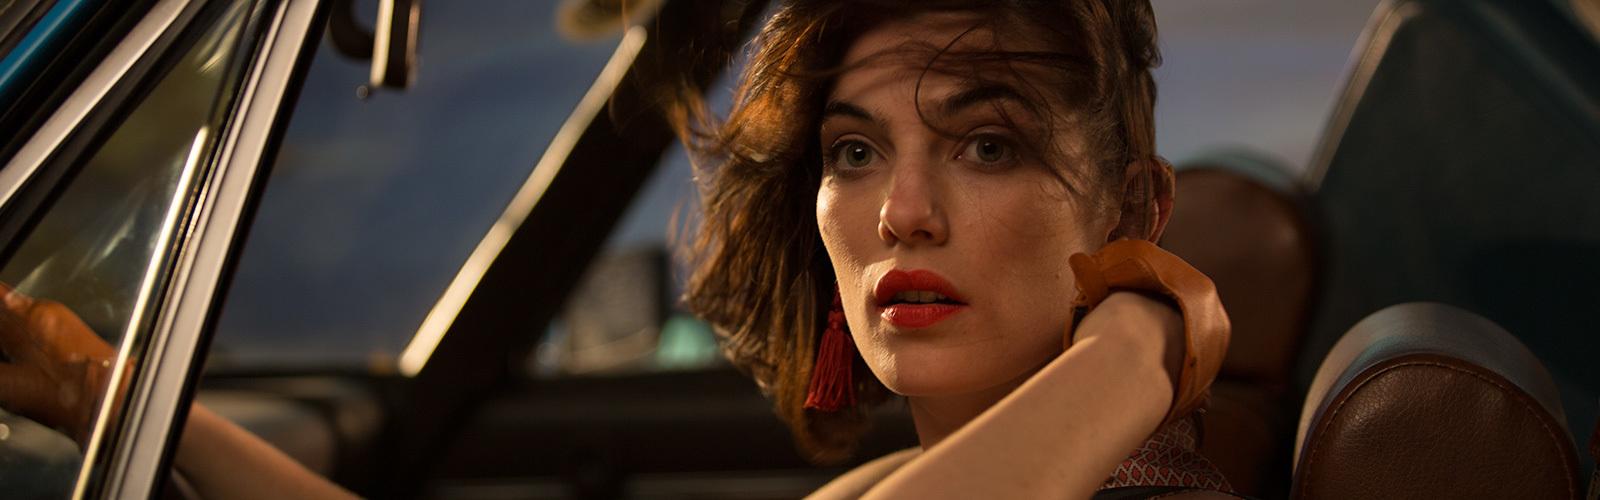 Frau, die in einem Cabrio fährt.